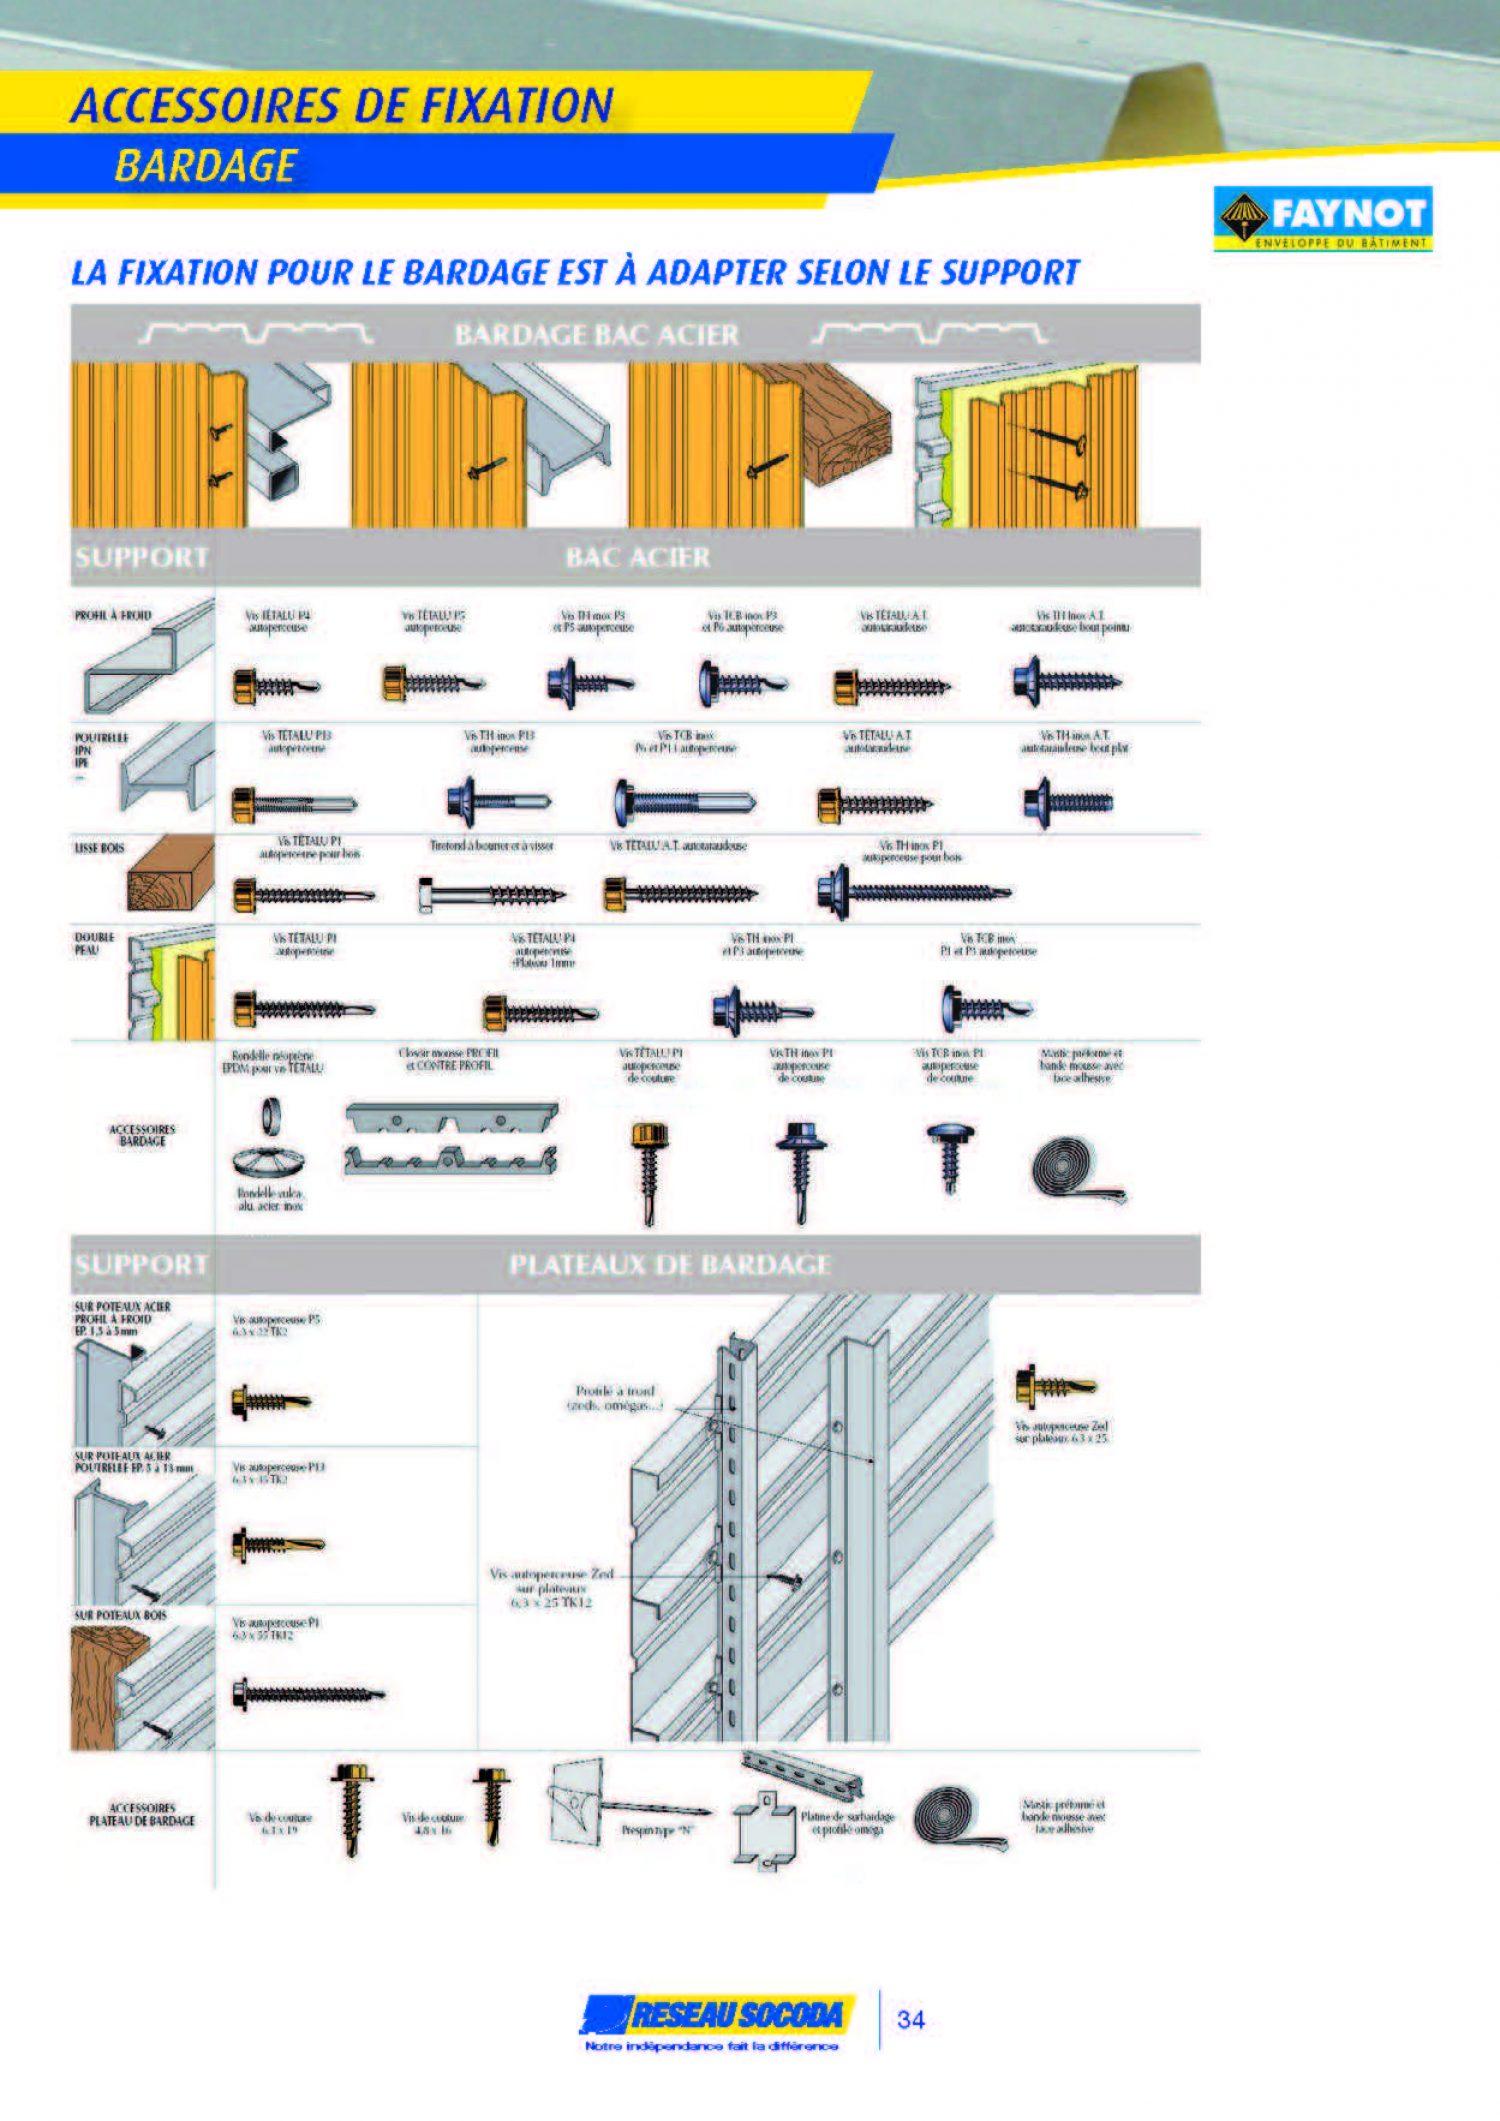 GERMOND_2014 PROFIL BATIMENT_20140324-184231_Page_34